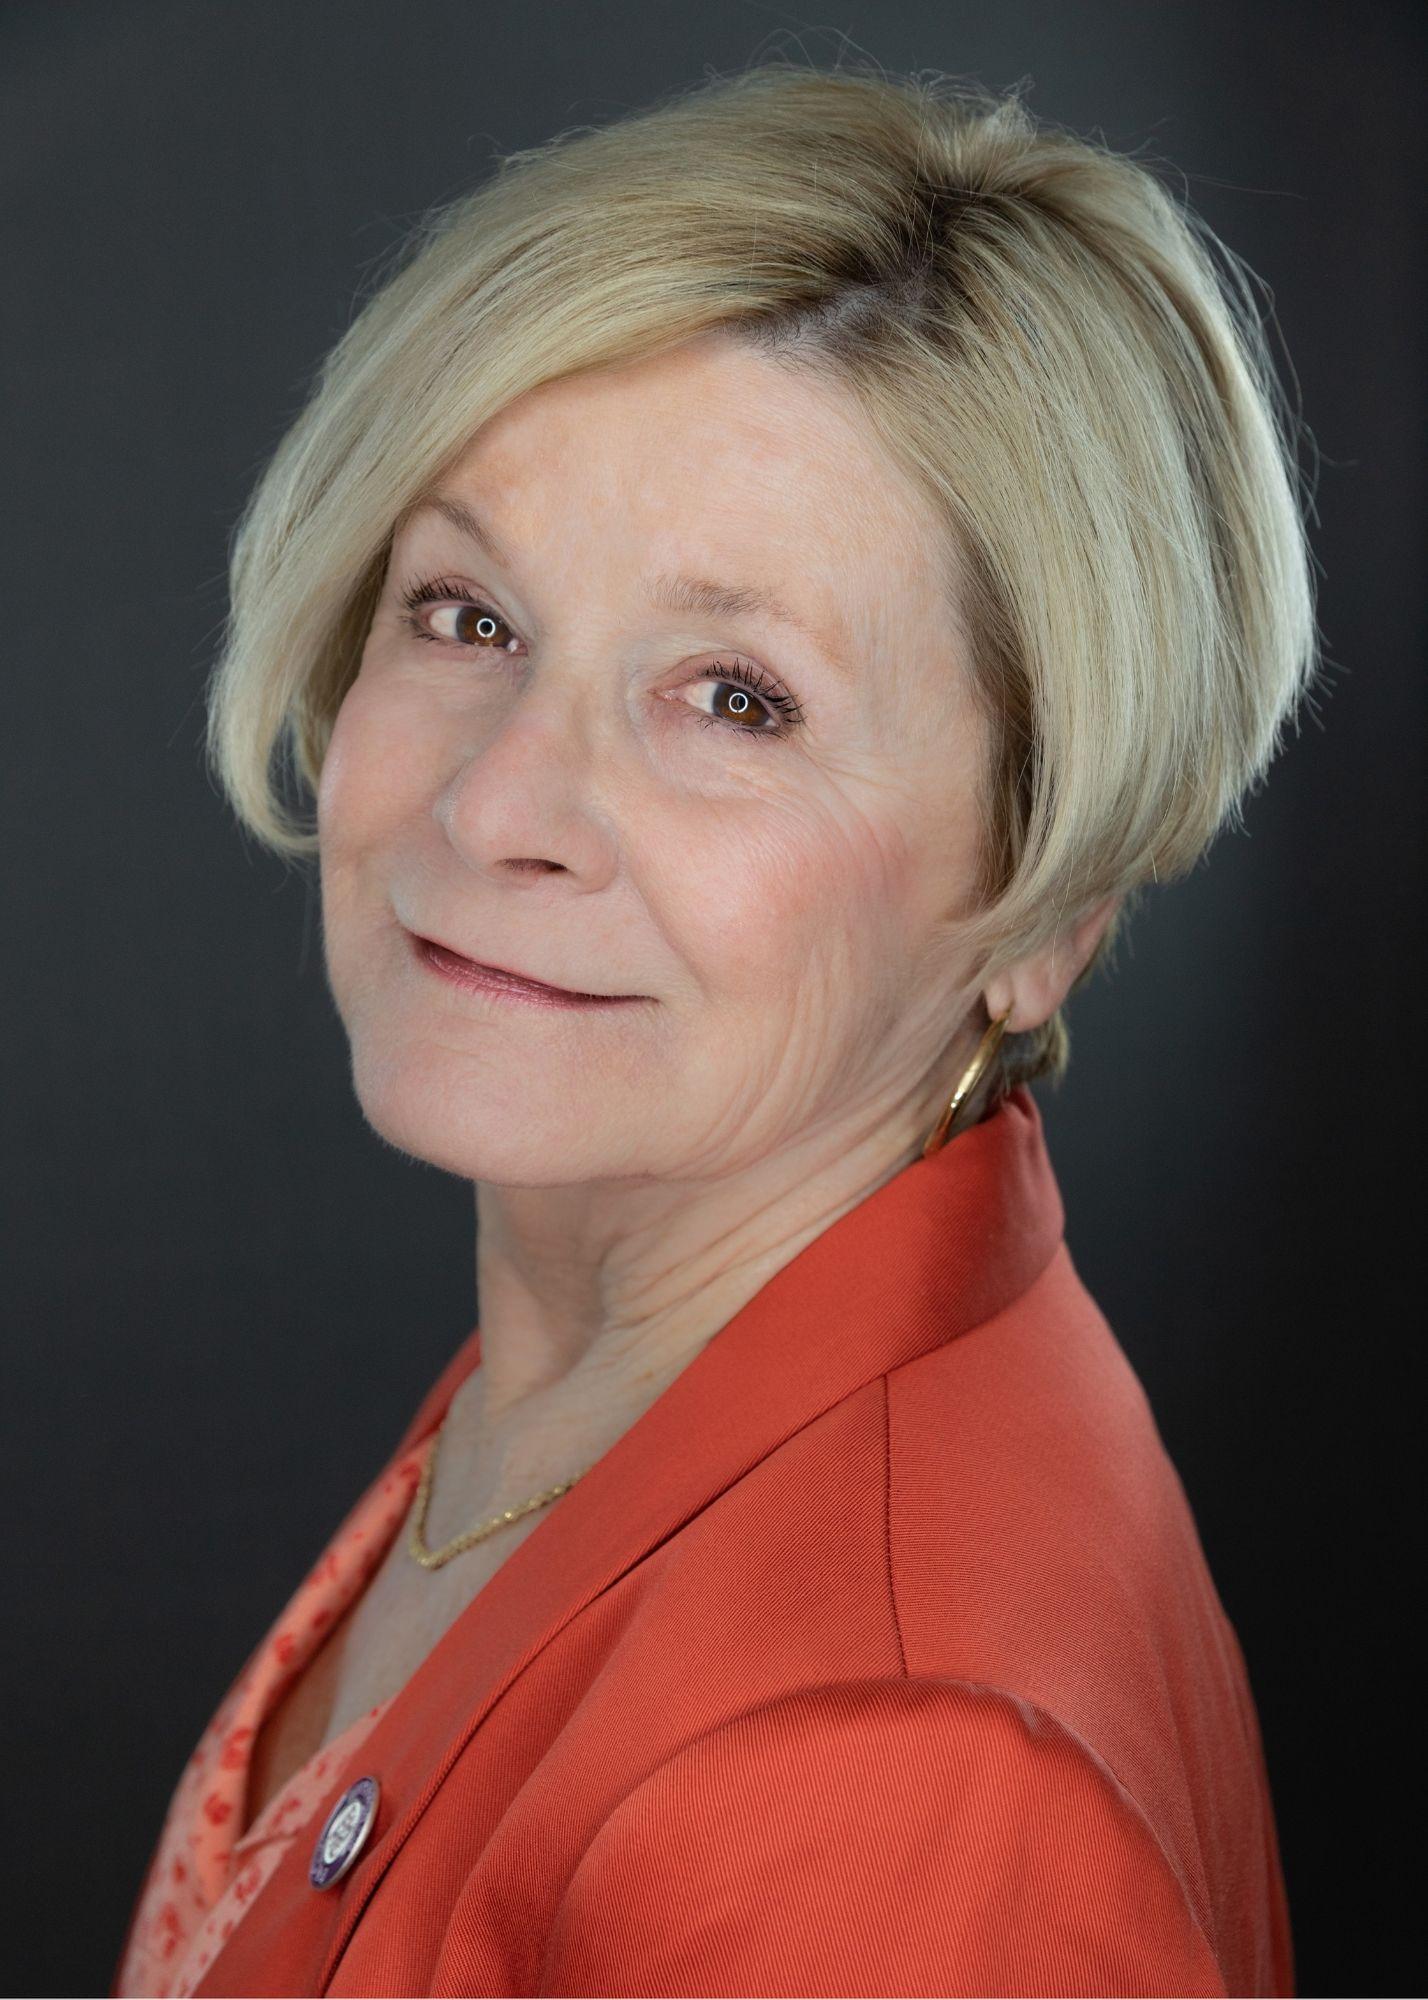 Barbara Raley